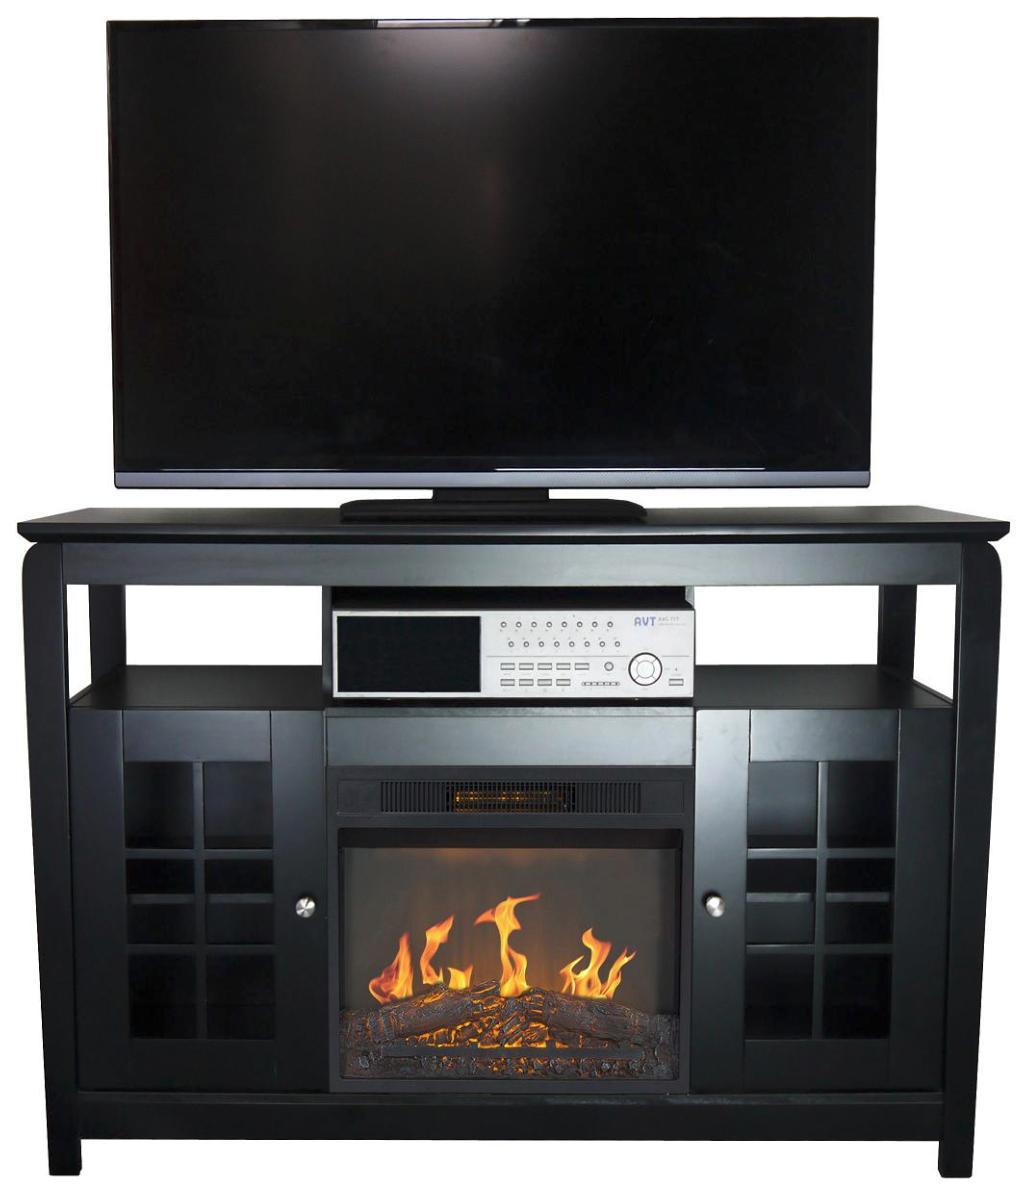 Mueble 2 puertas y chimenea el ctrica calefactor cl 148 - Mueble para chimenea electrica ...